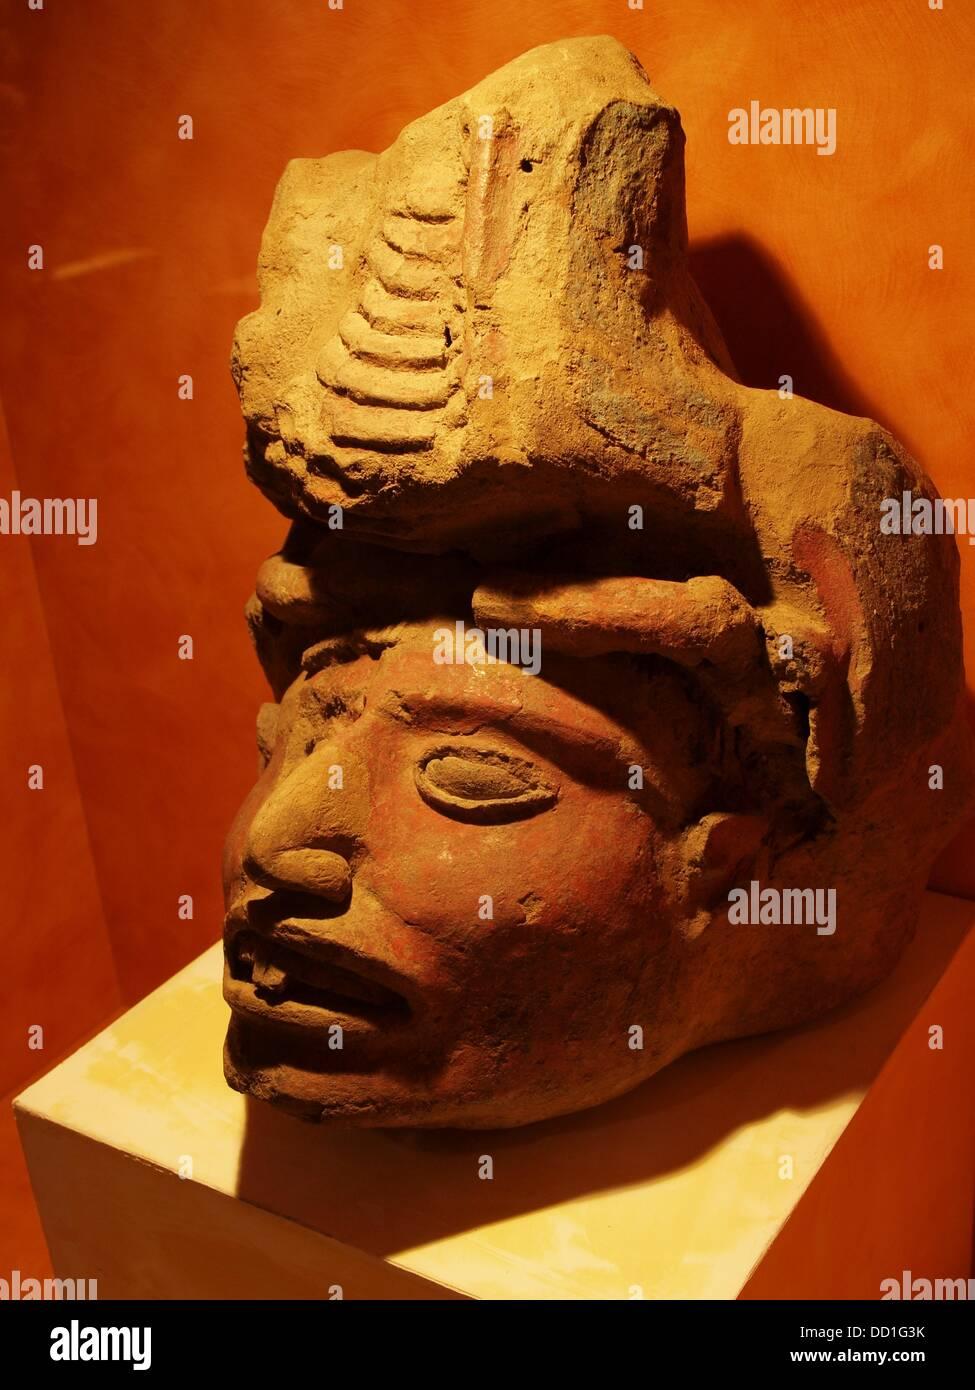 Aztec personage. Museo Nacional de Antropología. Mexico City. Mexico - Stock Image